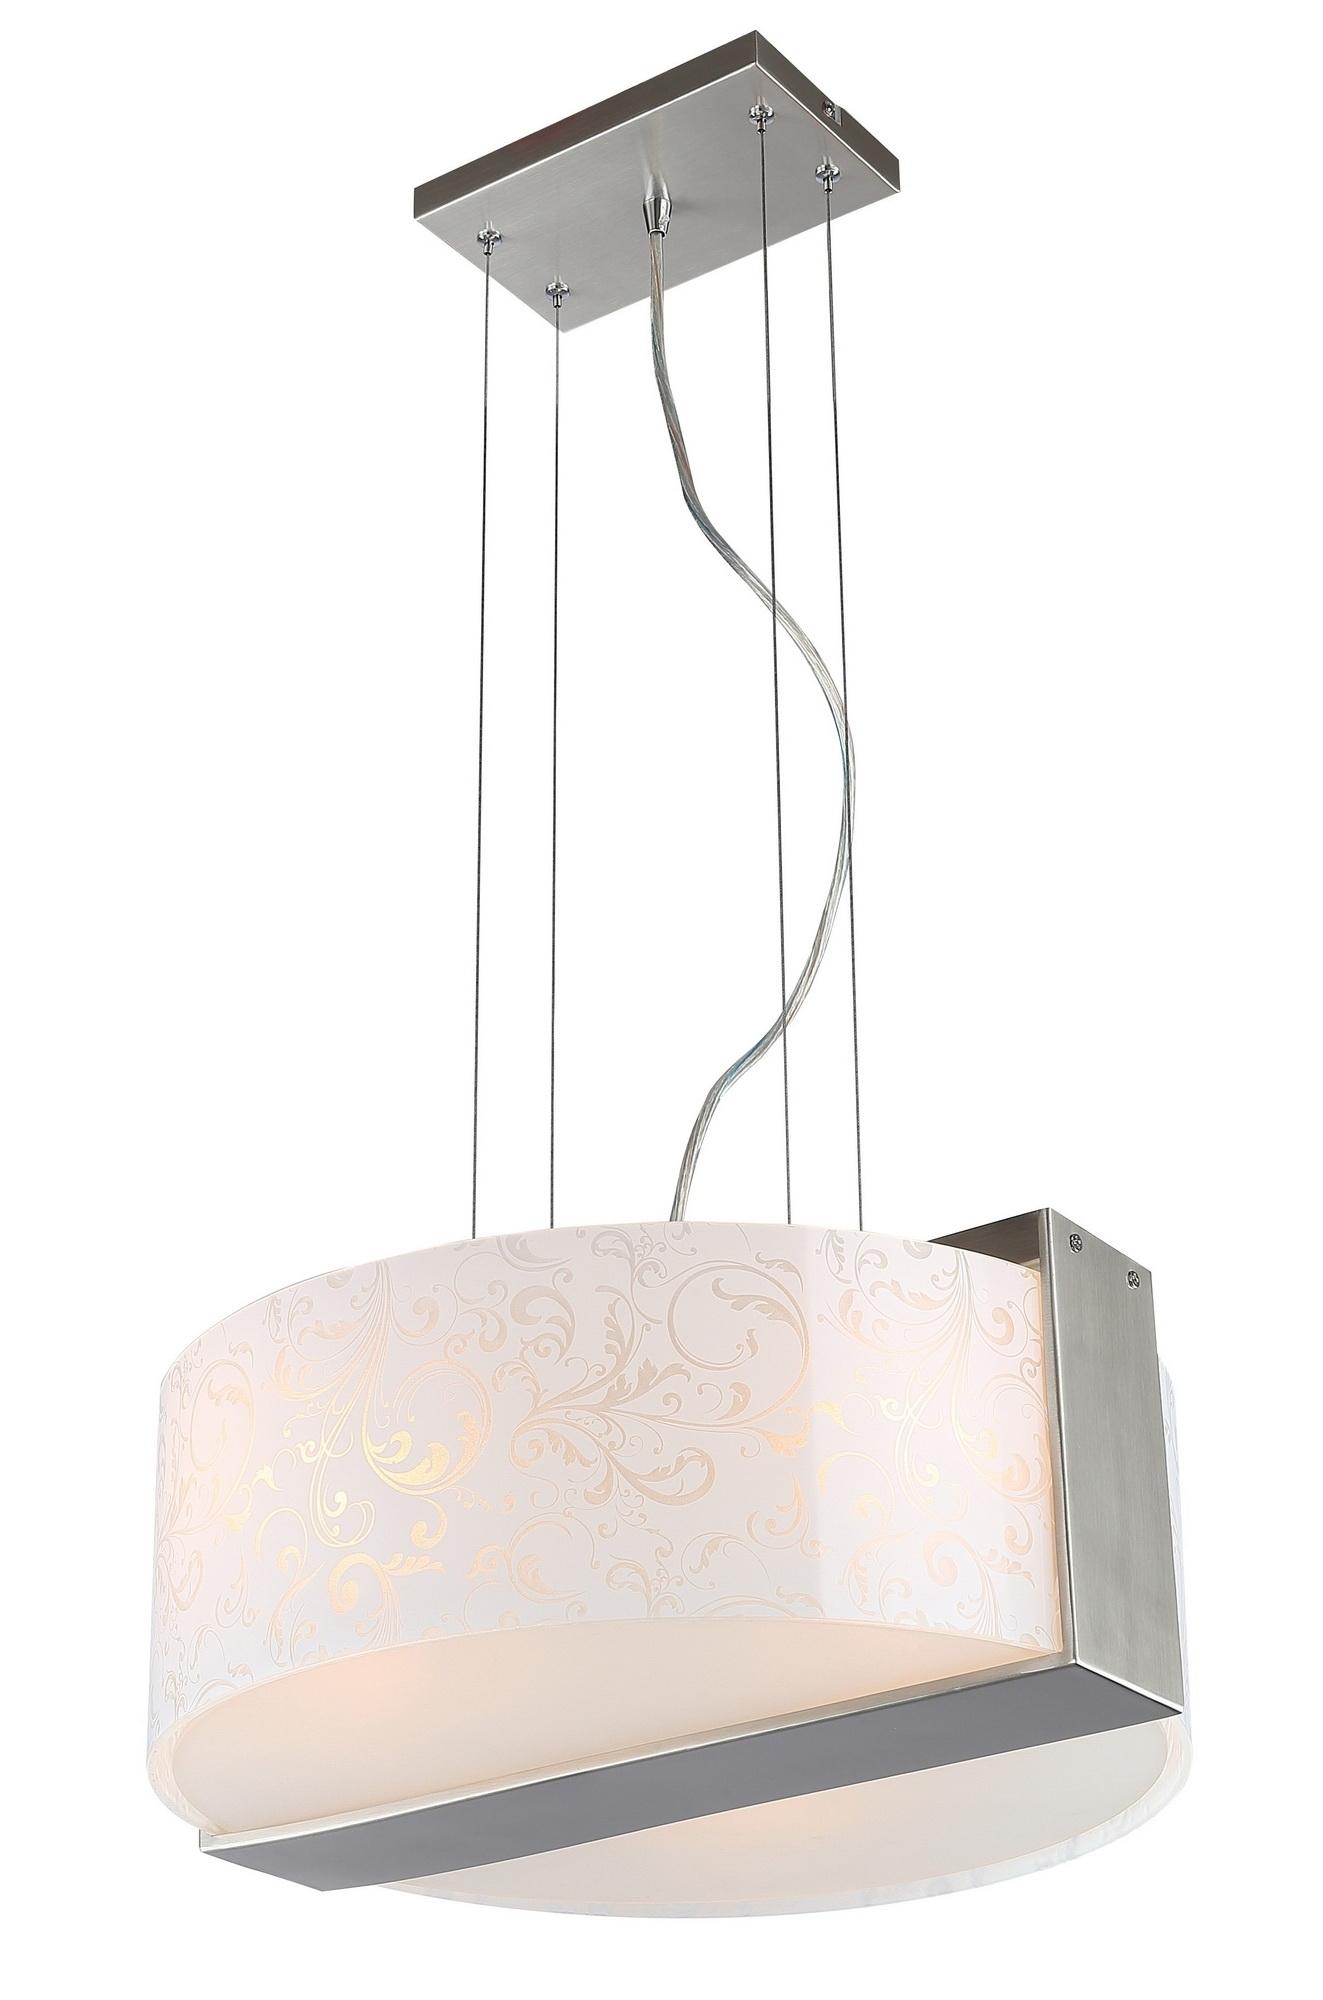 Люстра Arte lamp Bella a5615sp-3ss деревообрабатывающий станок prorab 5615